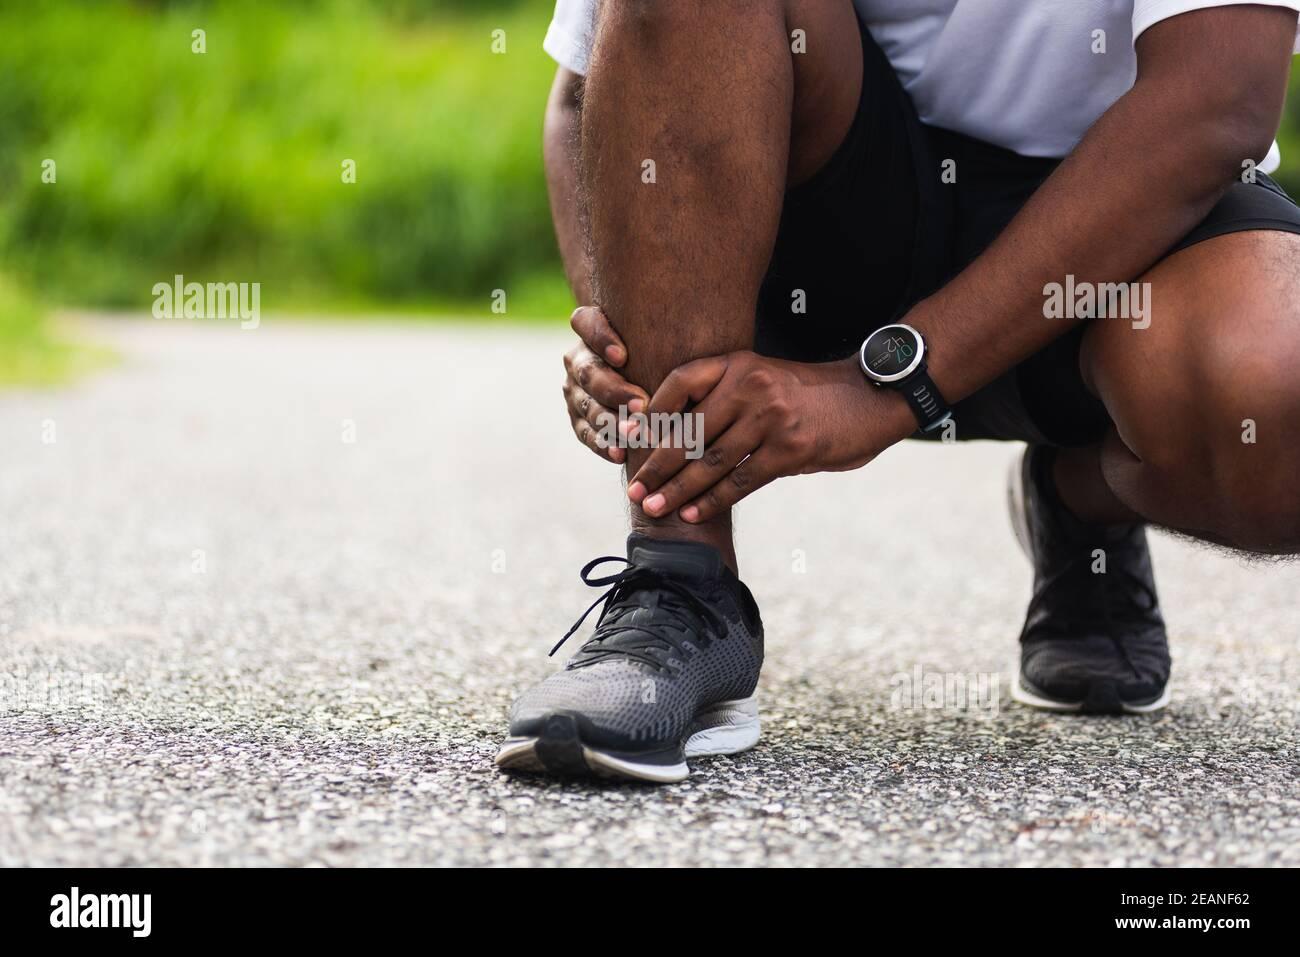 el hombre corredor de deporte usa las manos articulación sostener el dolor de la pierna porque de tobillo torcido roto mientras corres Foto de stock